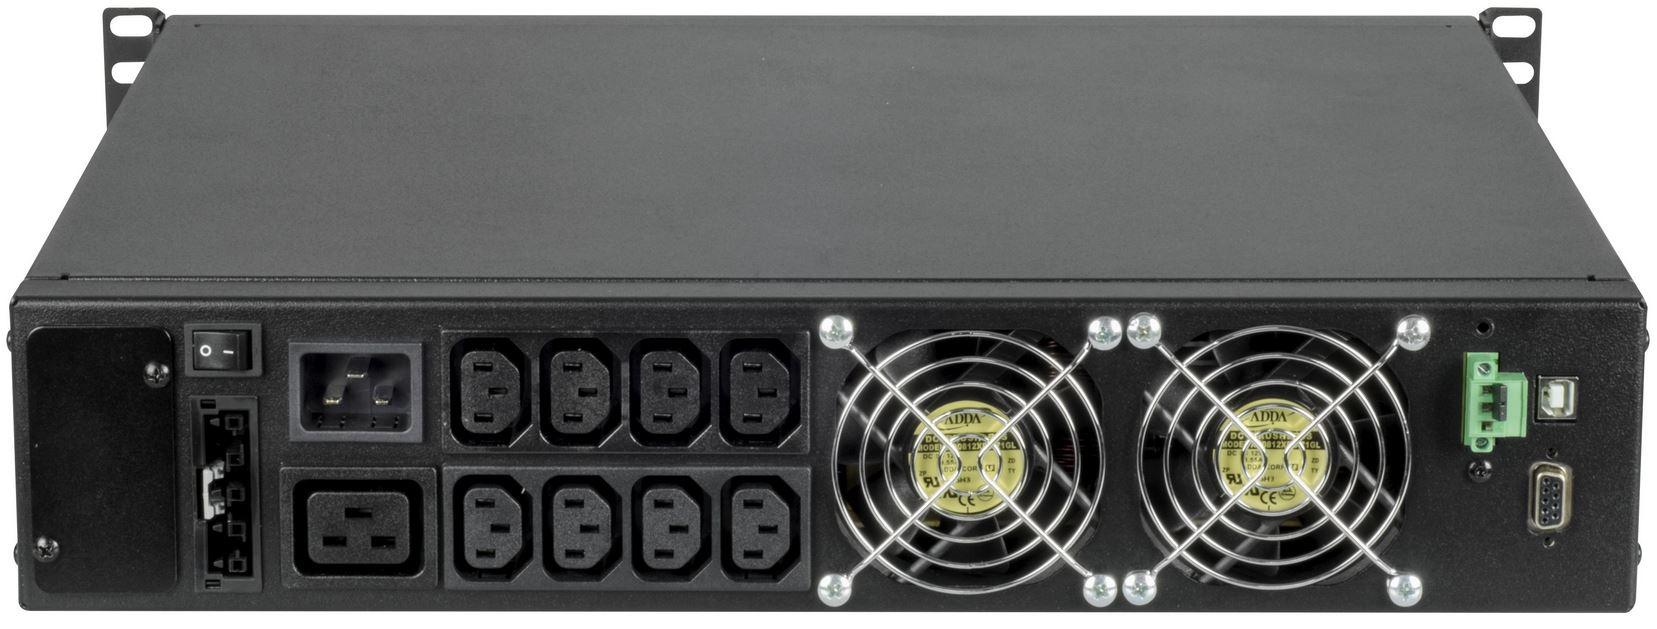 Sentinel Rack Riello UPS Rack USV Anlagen mit geringer Einbautiefe